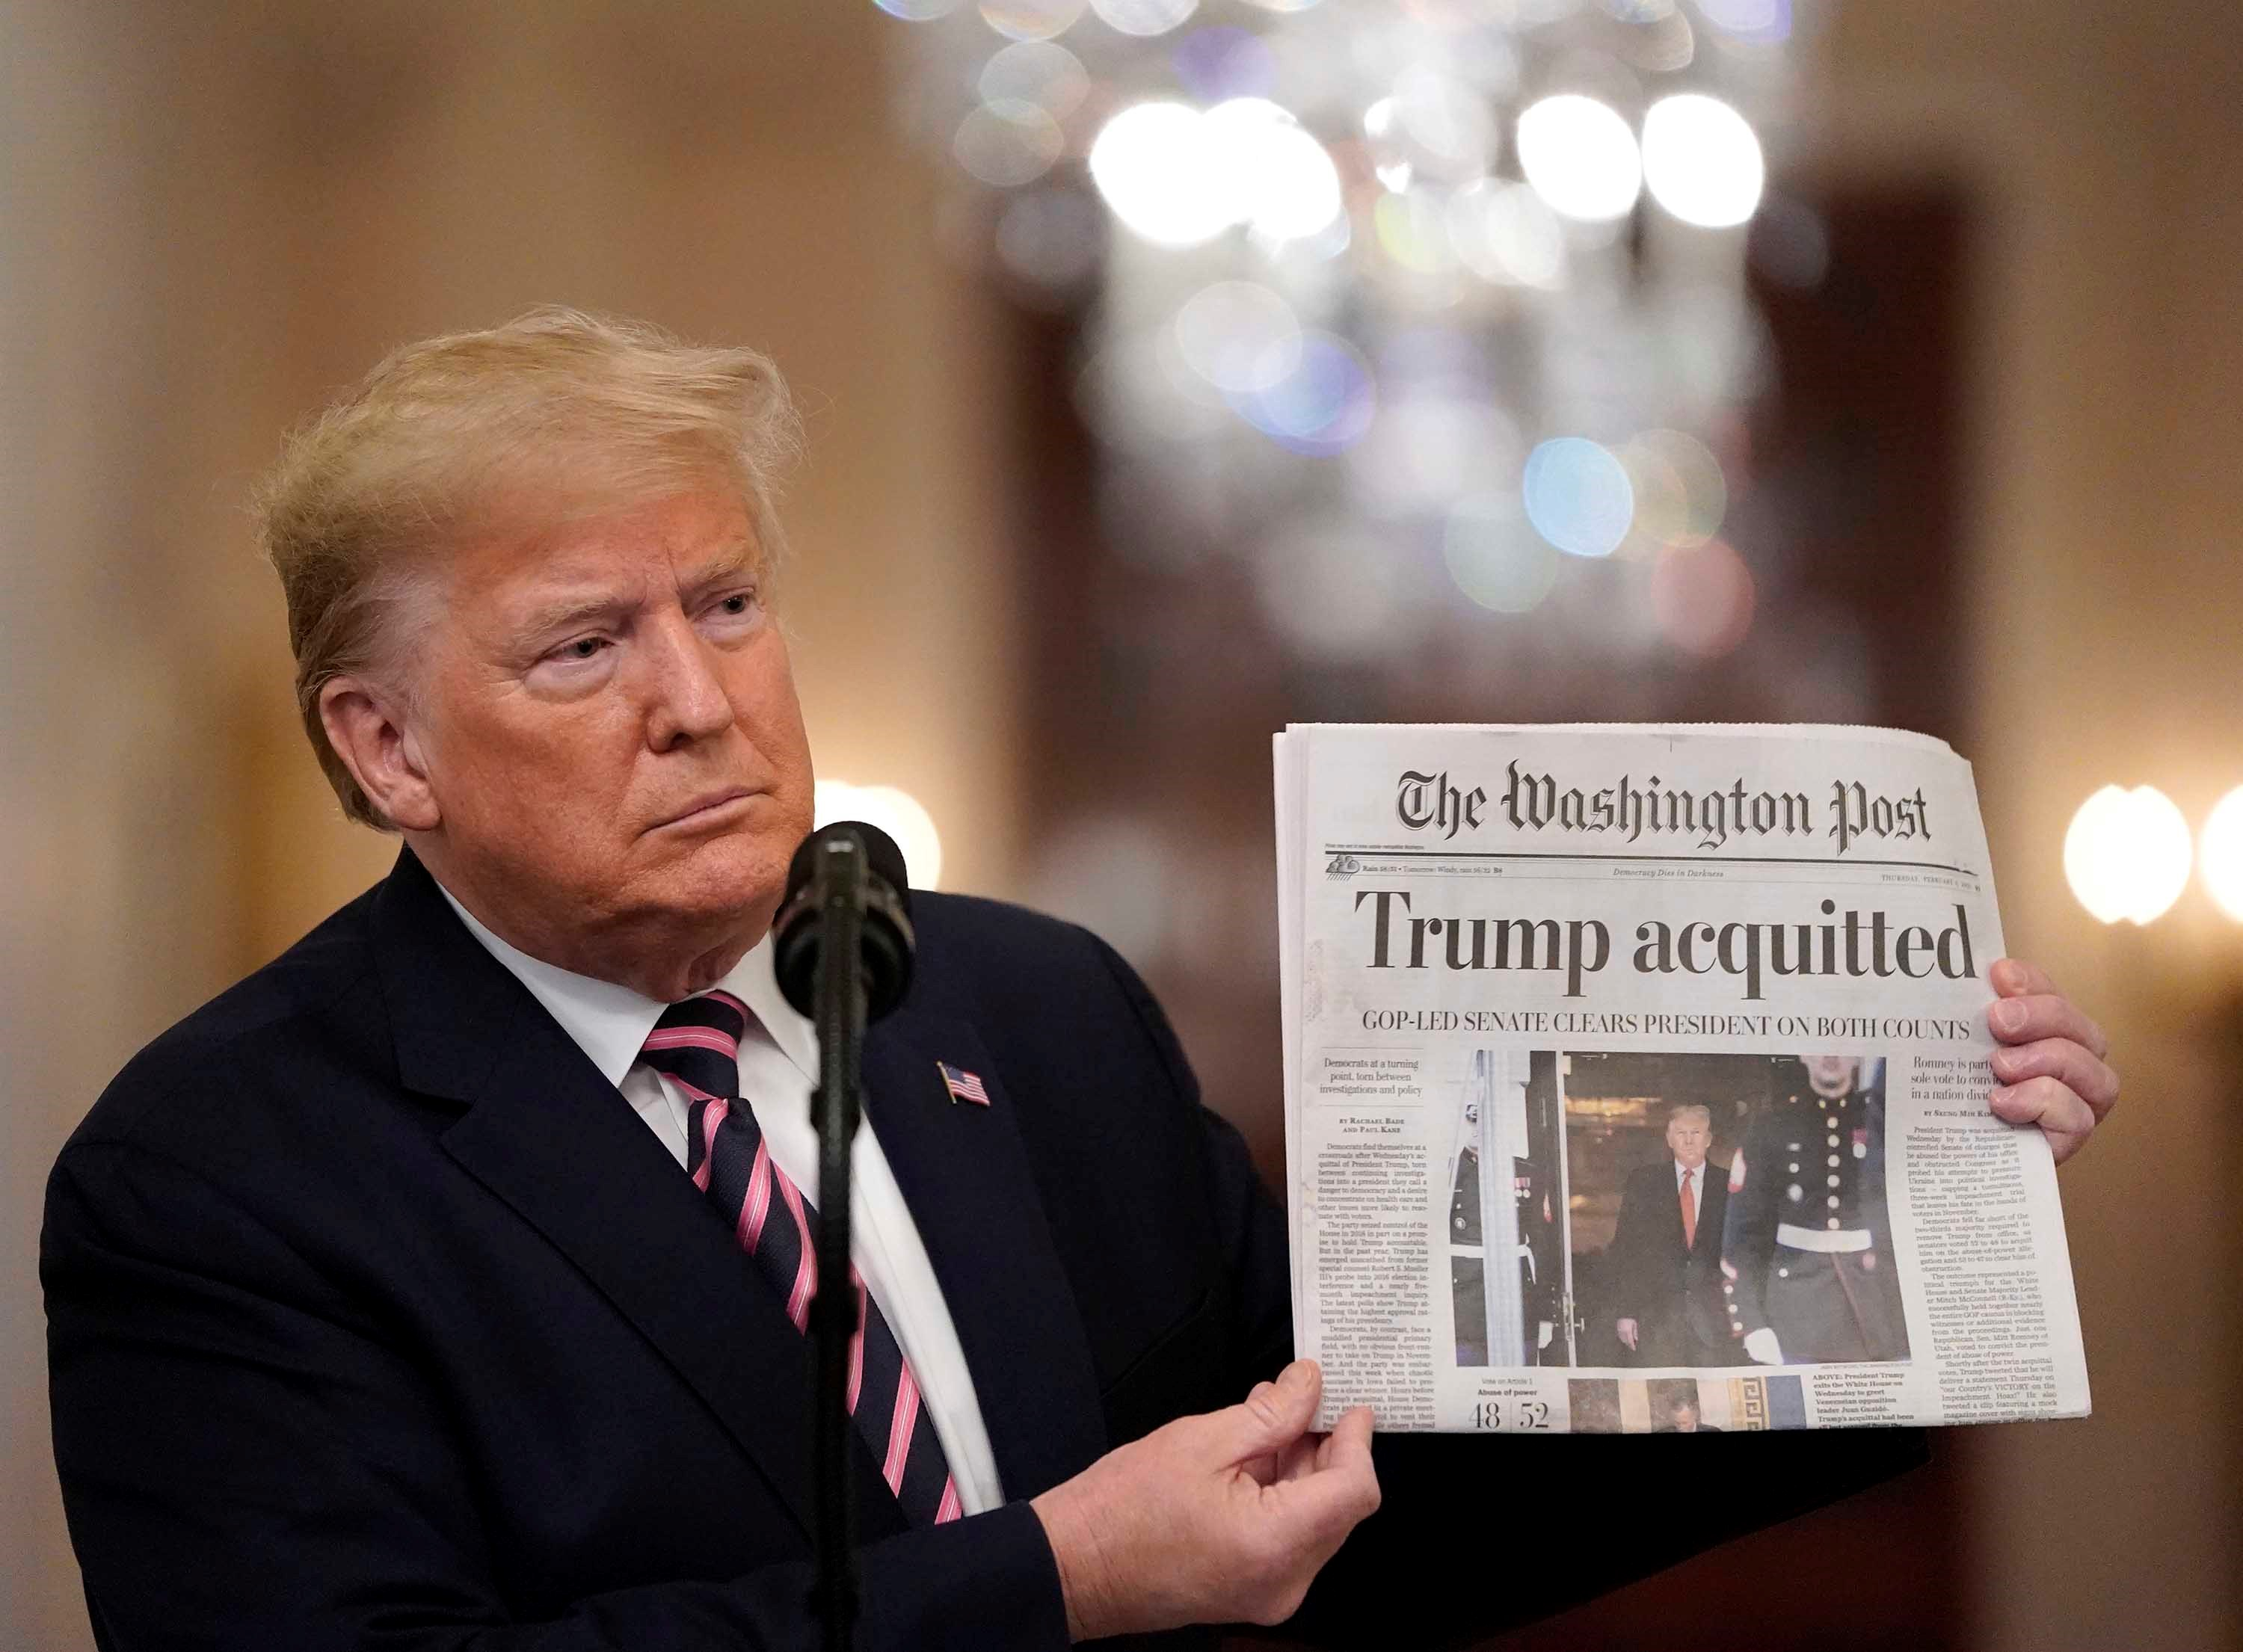 ترمب بريء عنوان واشنطن بوست الذي لوح به الرئيس بعد فشل محاولة عزله. (غيتي).jpg